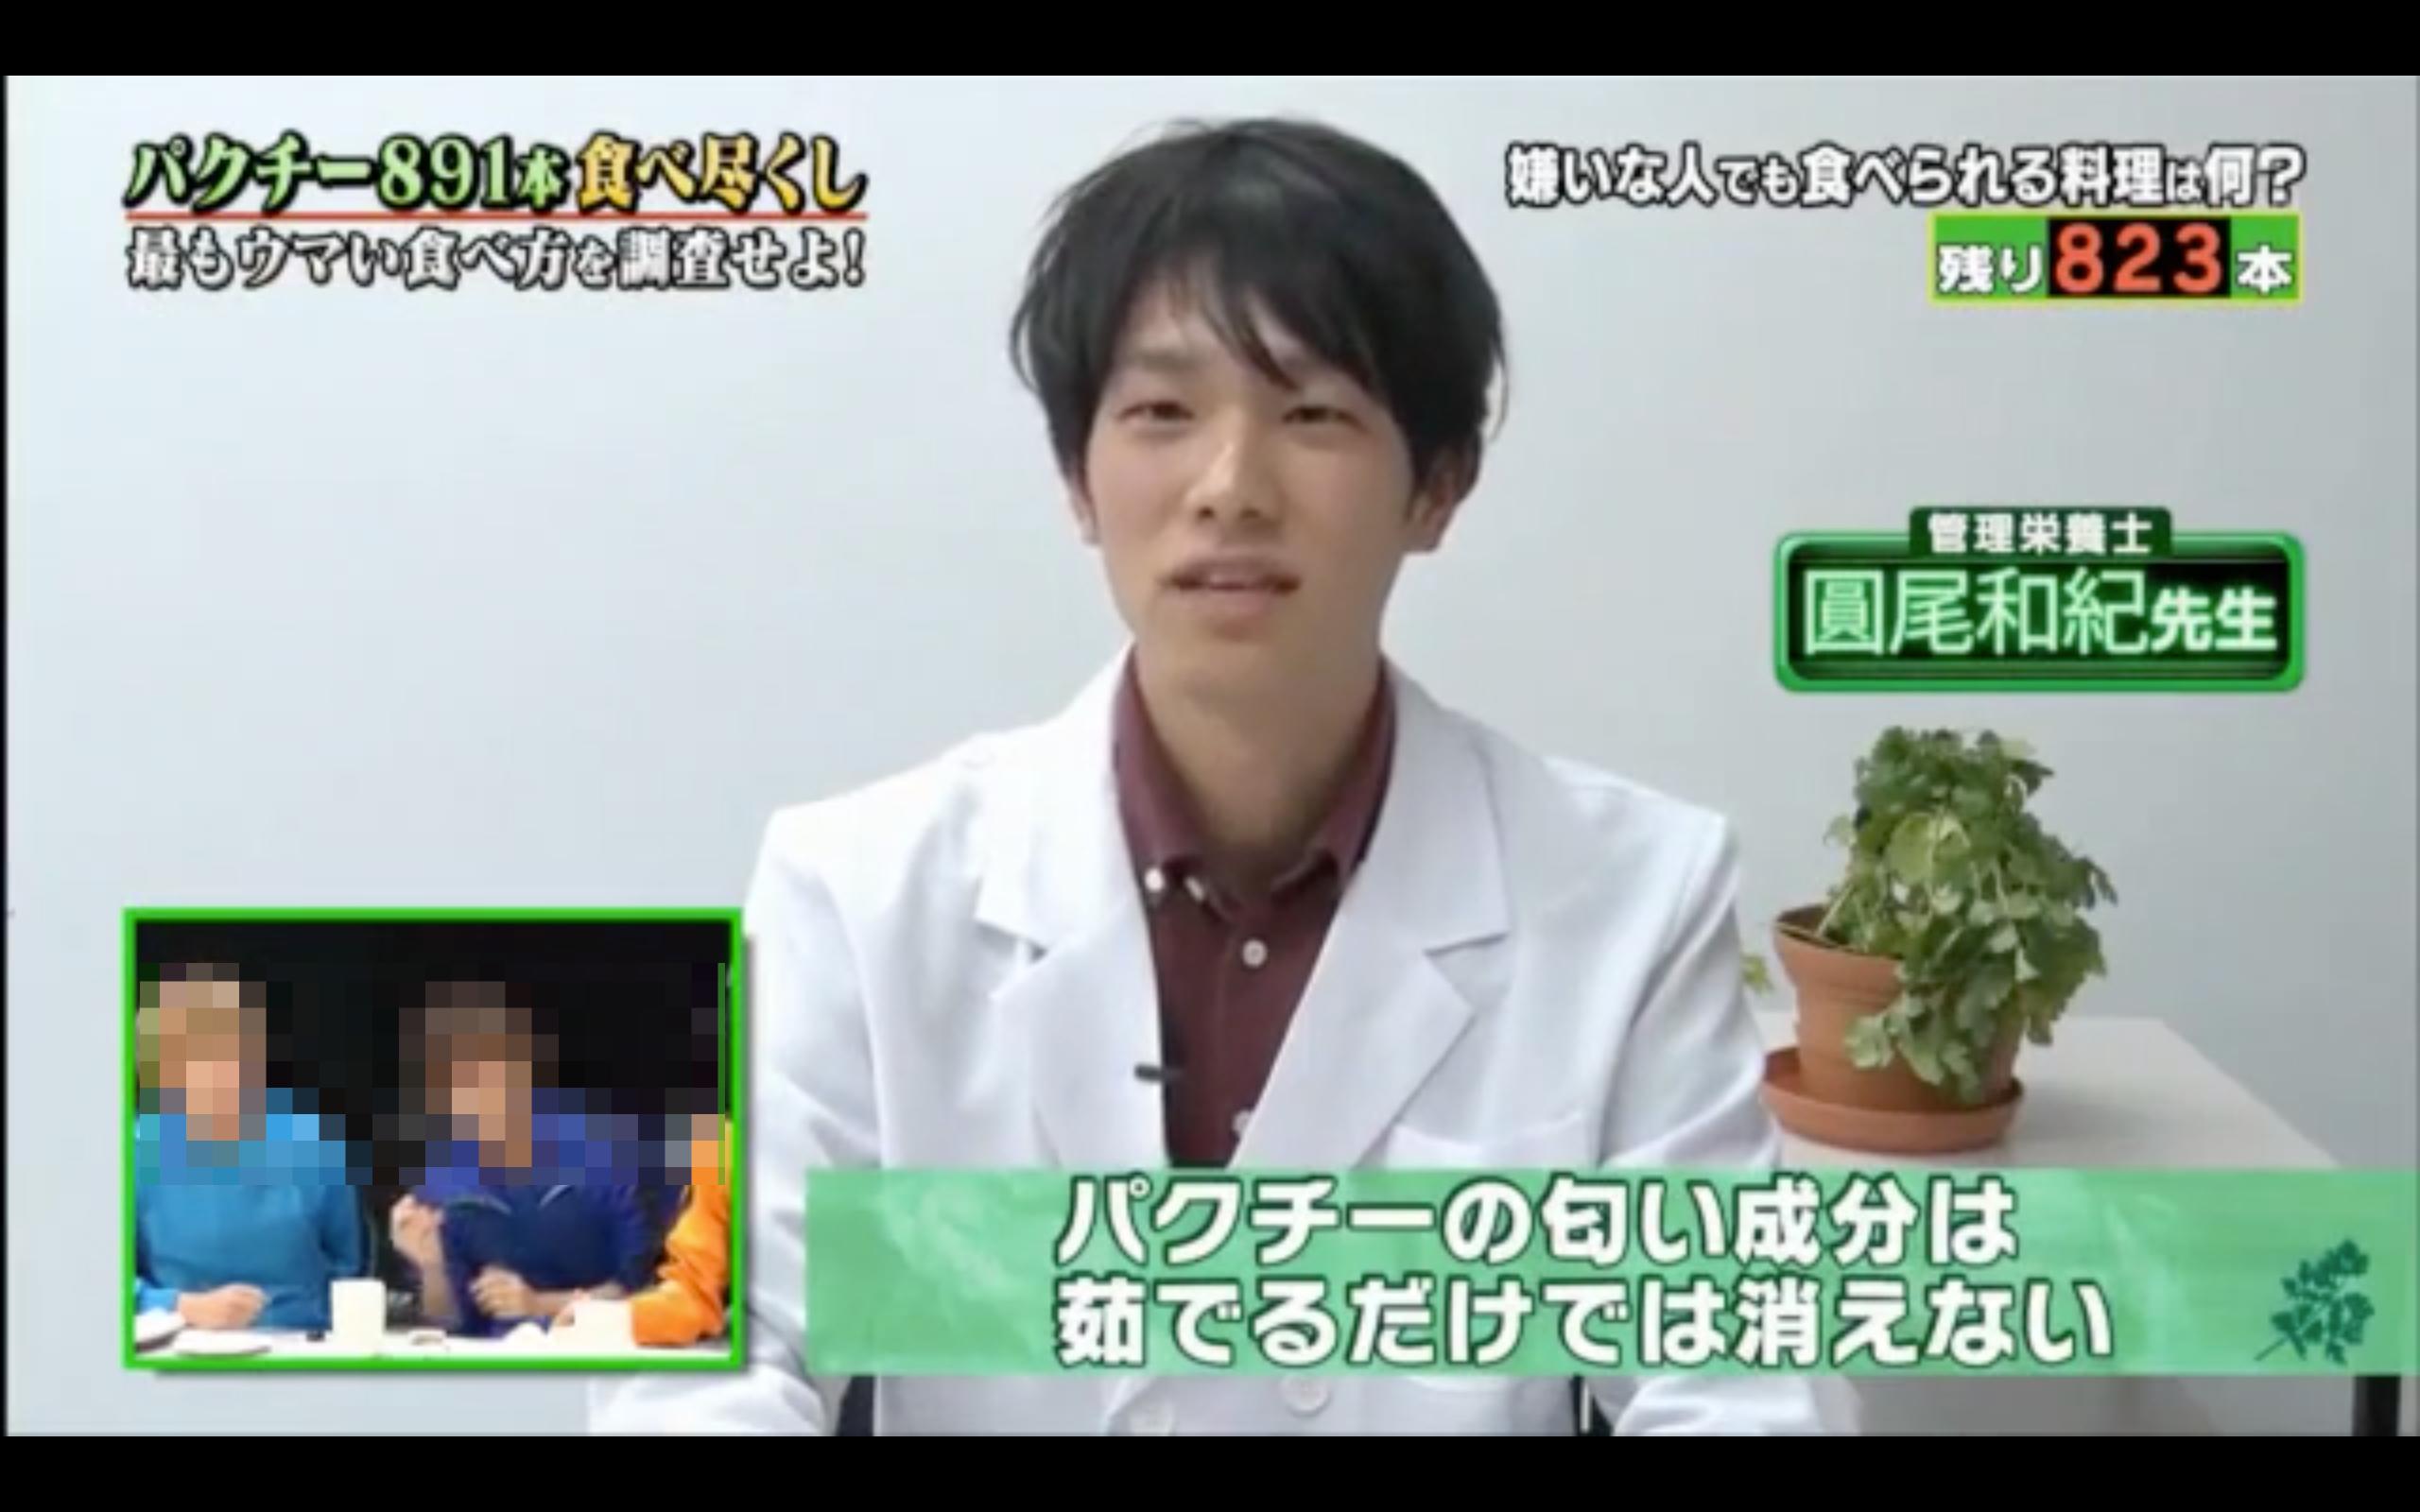 2月14放送 テレビ朝日「キスマイレージ」に出演させていただきました!